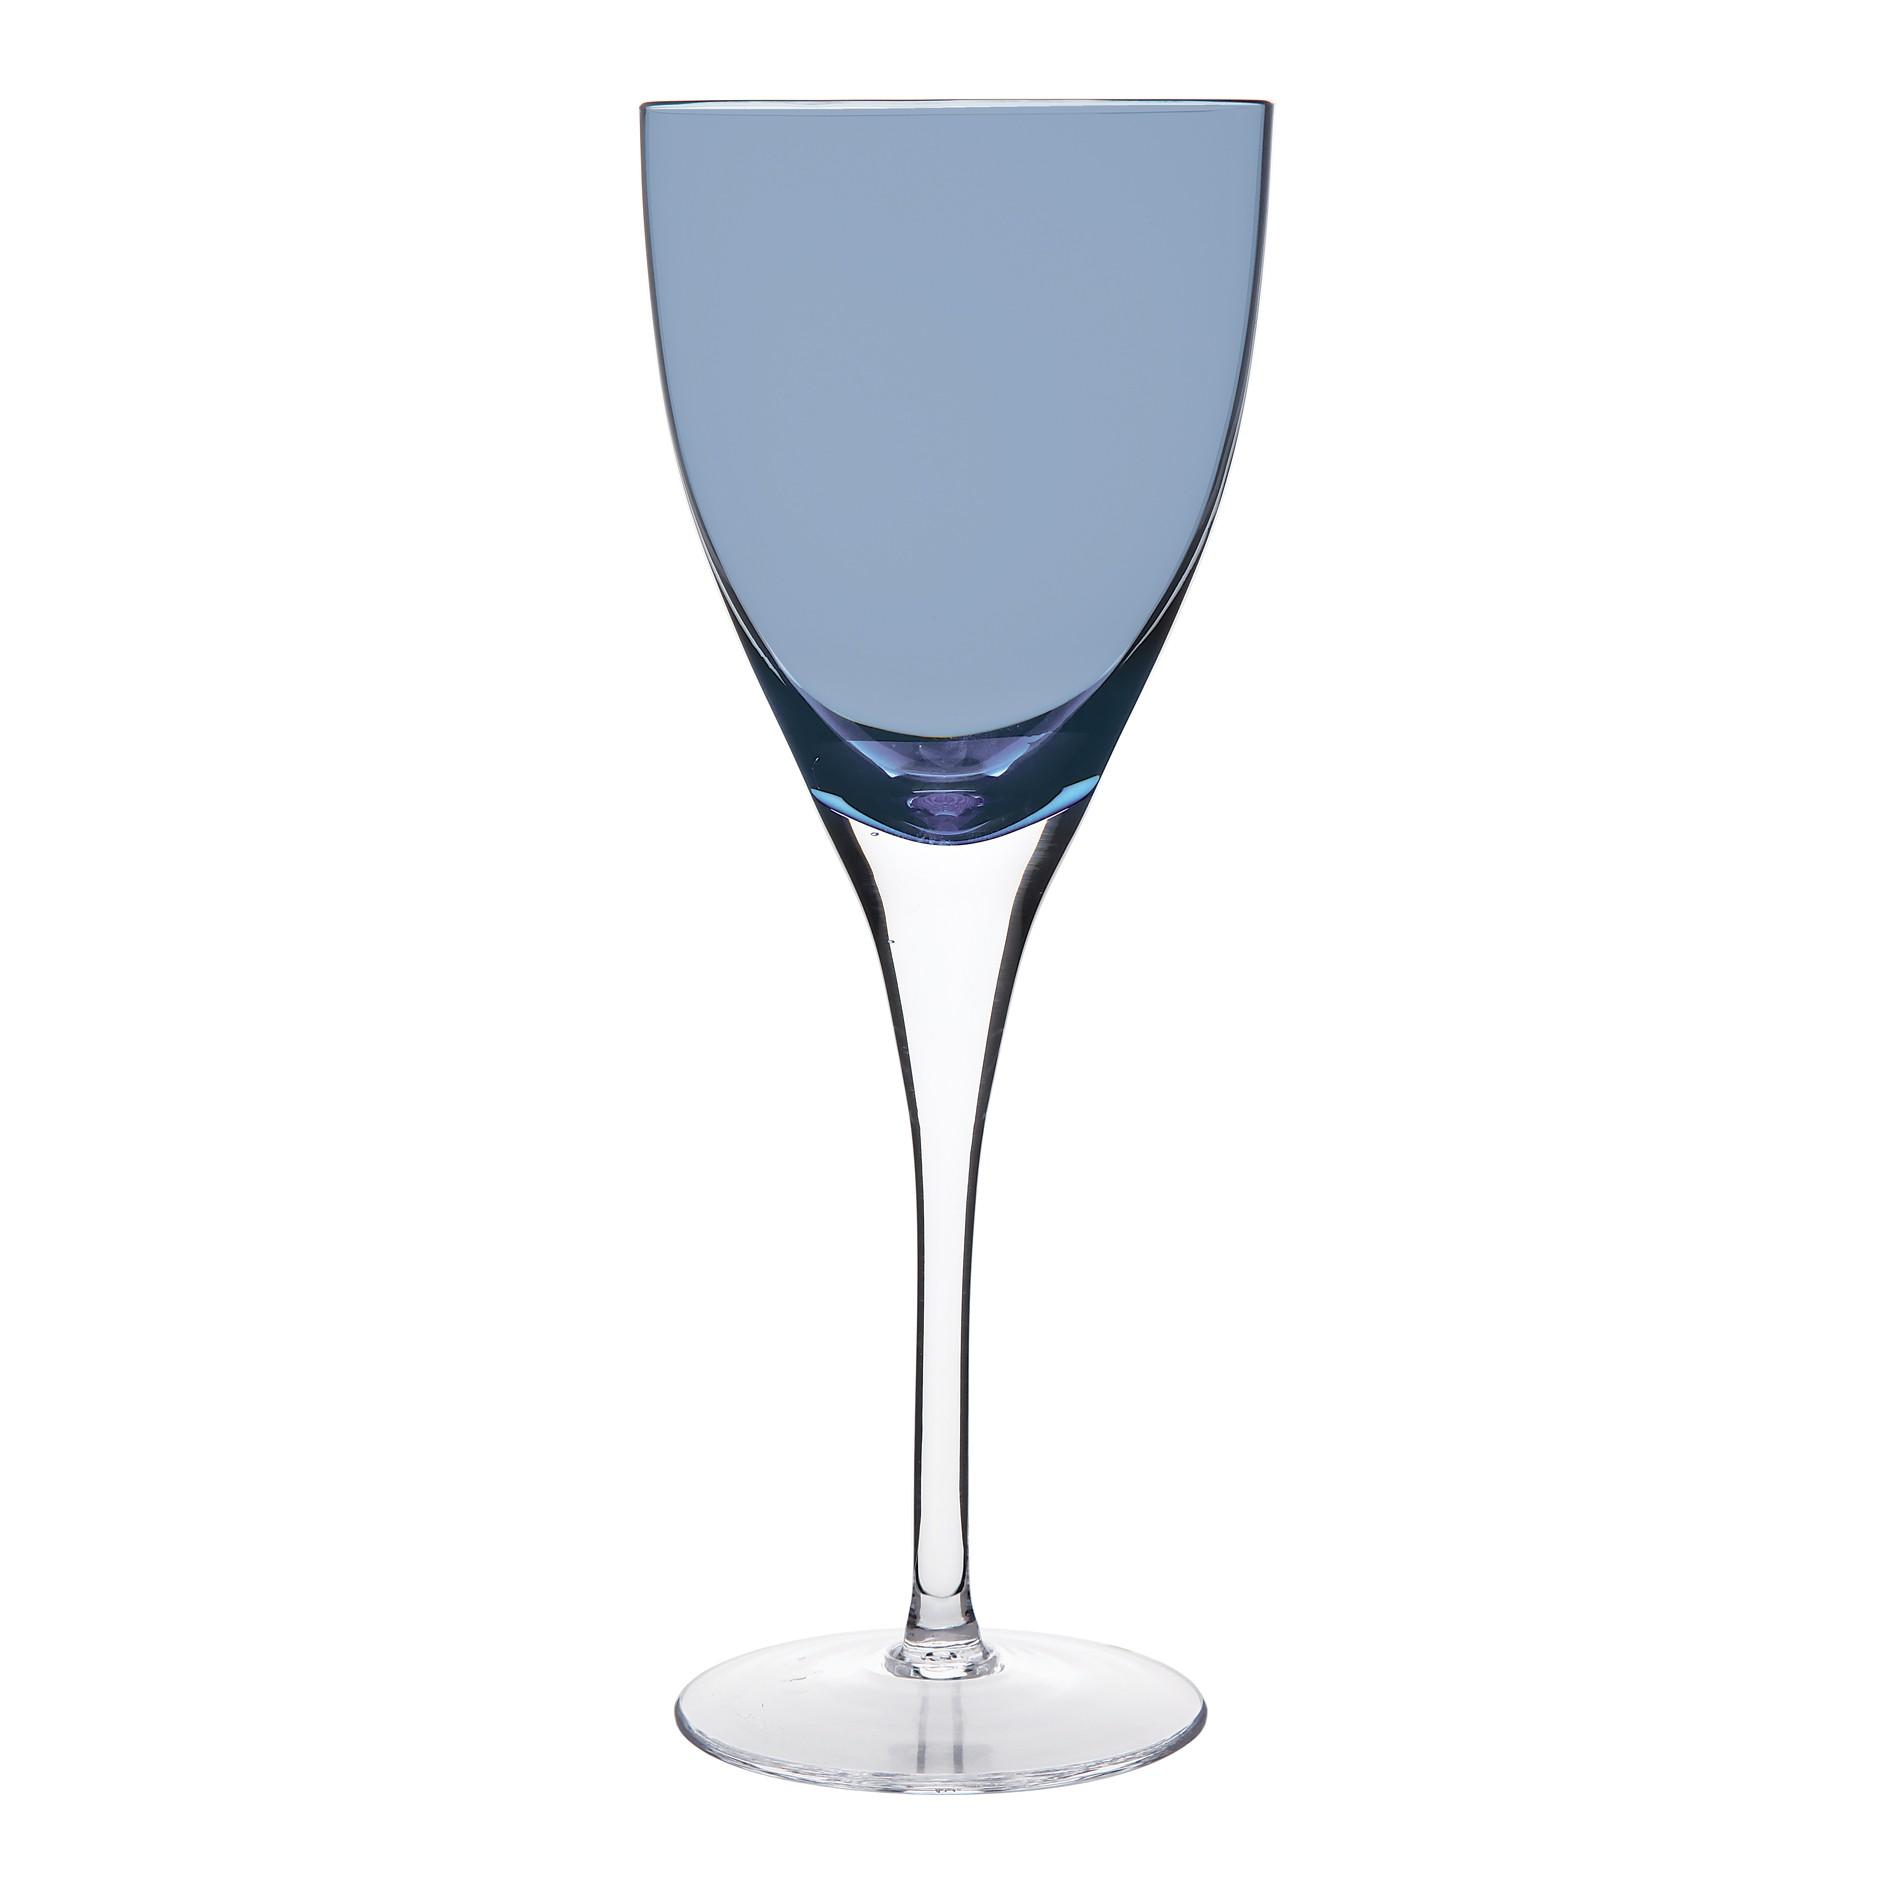 Ποτήρι Νερού Paradise Σετ 6Τμχ Μπλε 250ml Ionia home   ειδη σερβιρισματος   ποτήρια